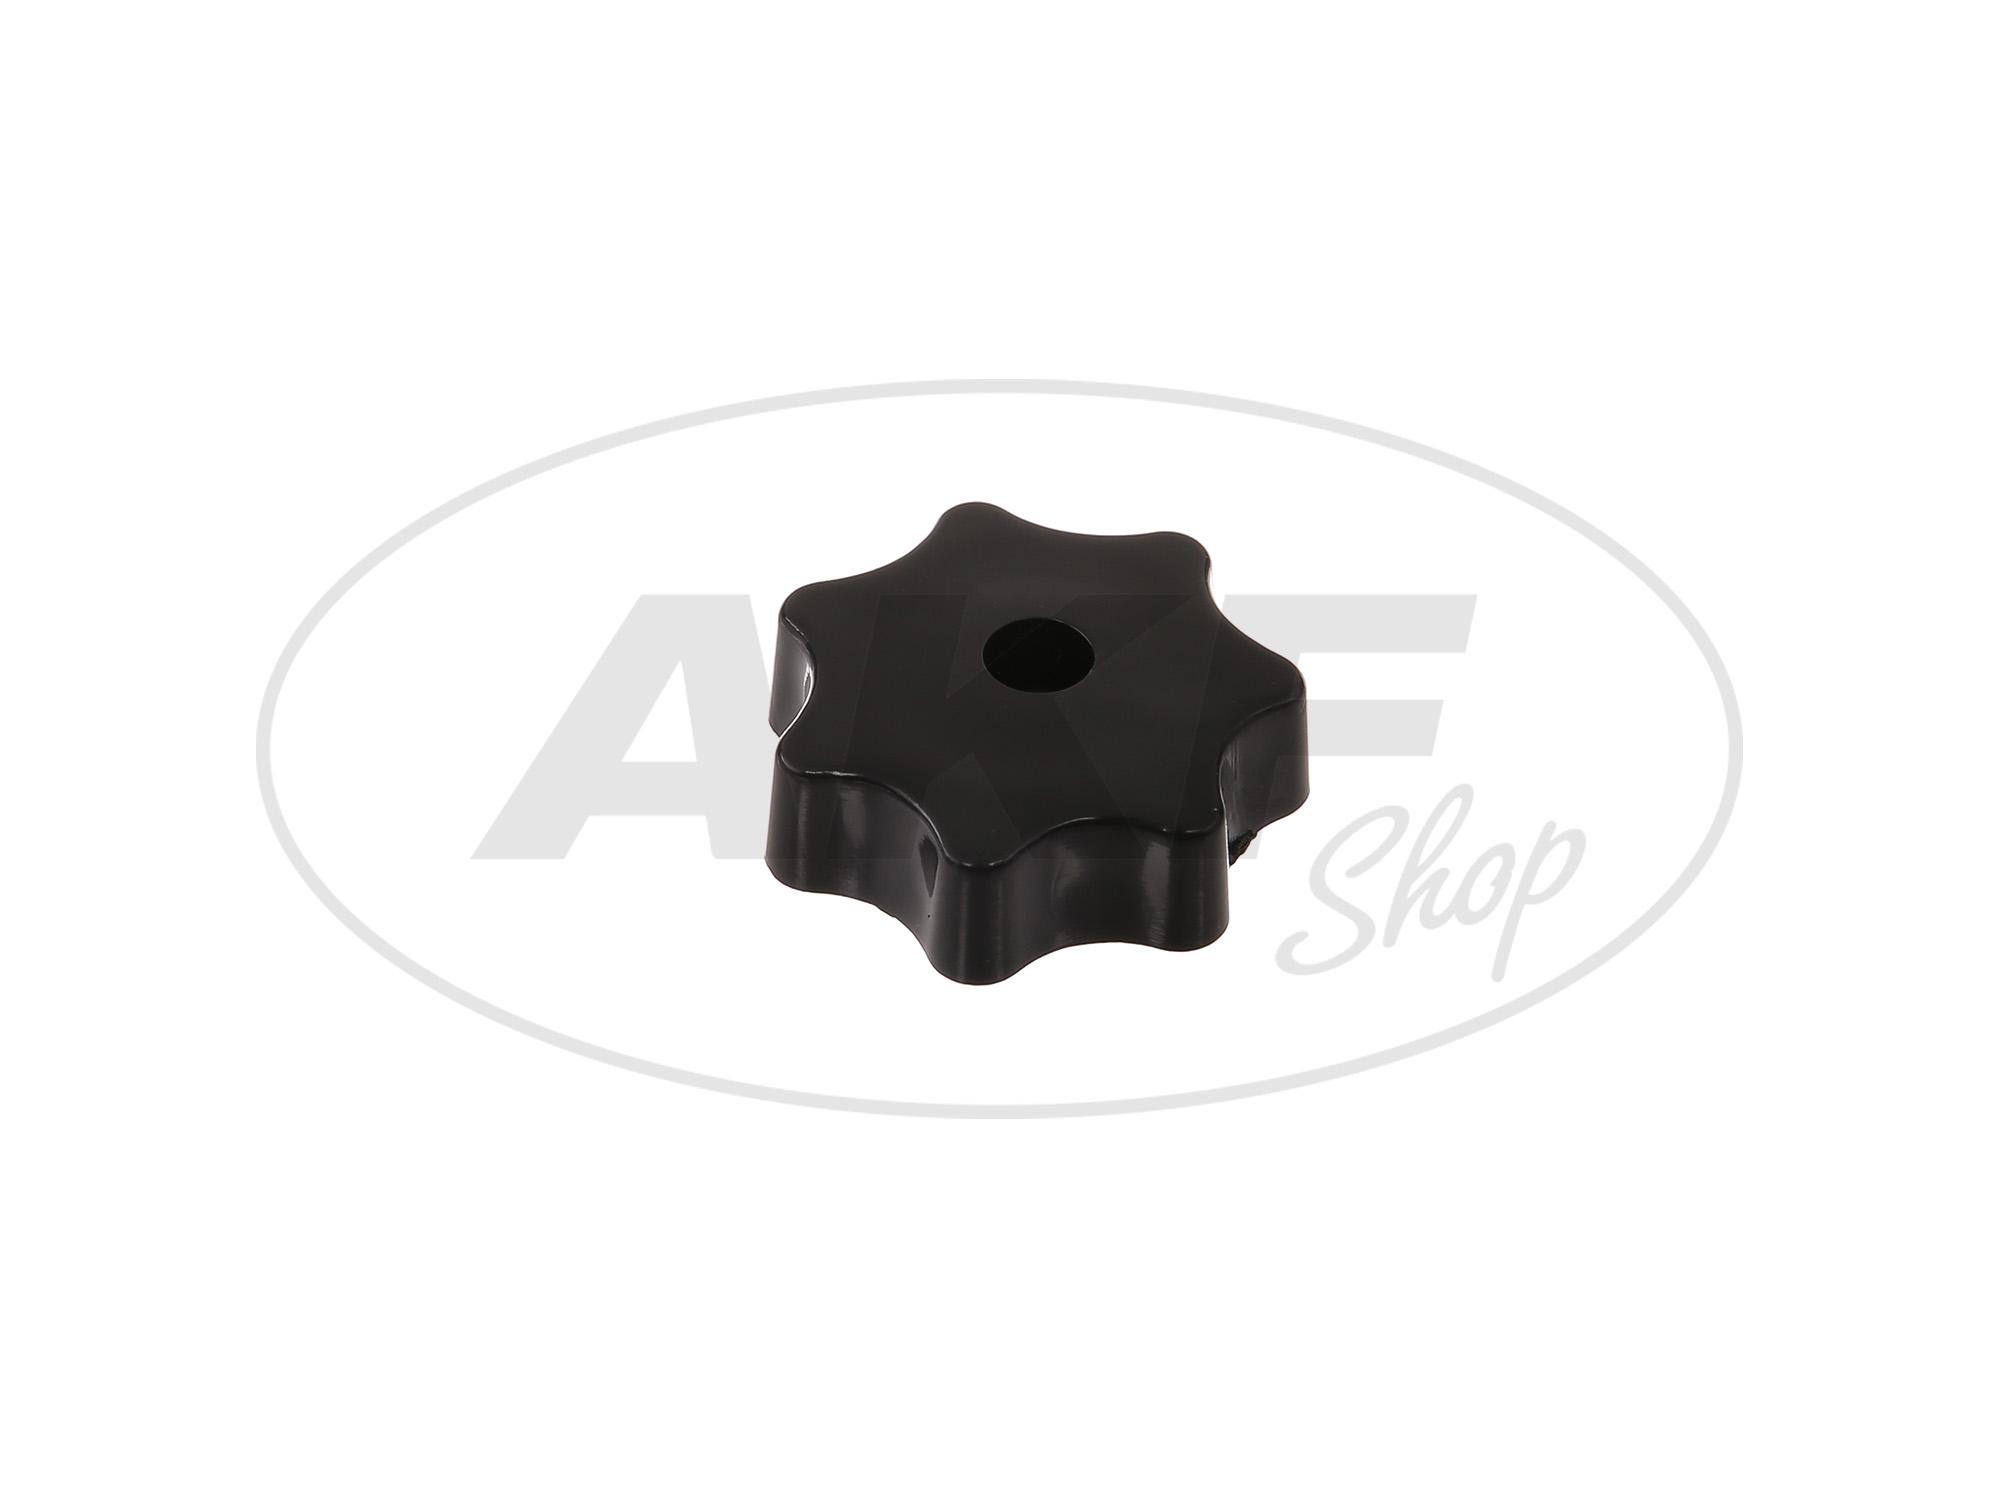 Zoom Ansicht Sterngriffmutter M6 in schwarz für (Motorabdeckung & Haube) Simson Schwalbe KR51, Star, Sperber, Habicht SR4, SR50, SR80